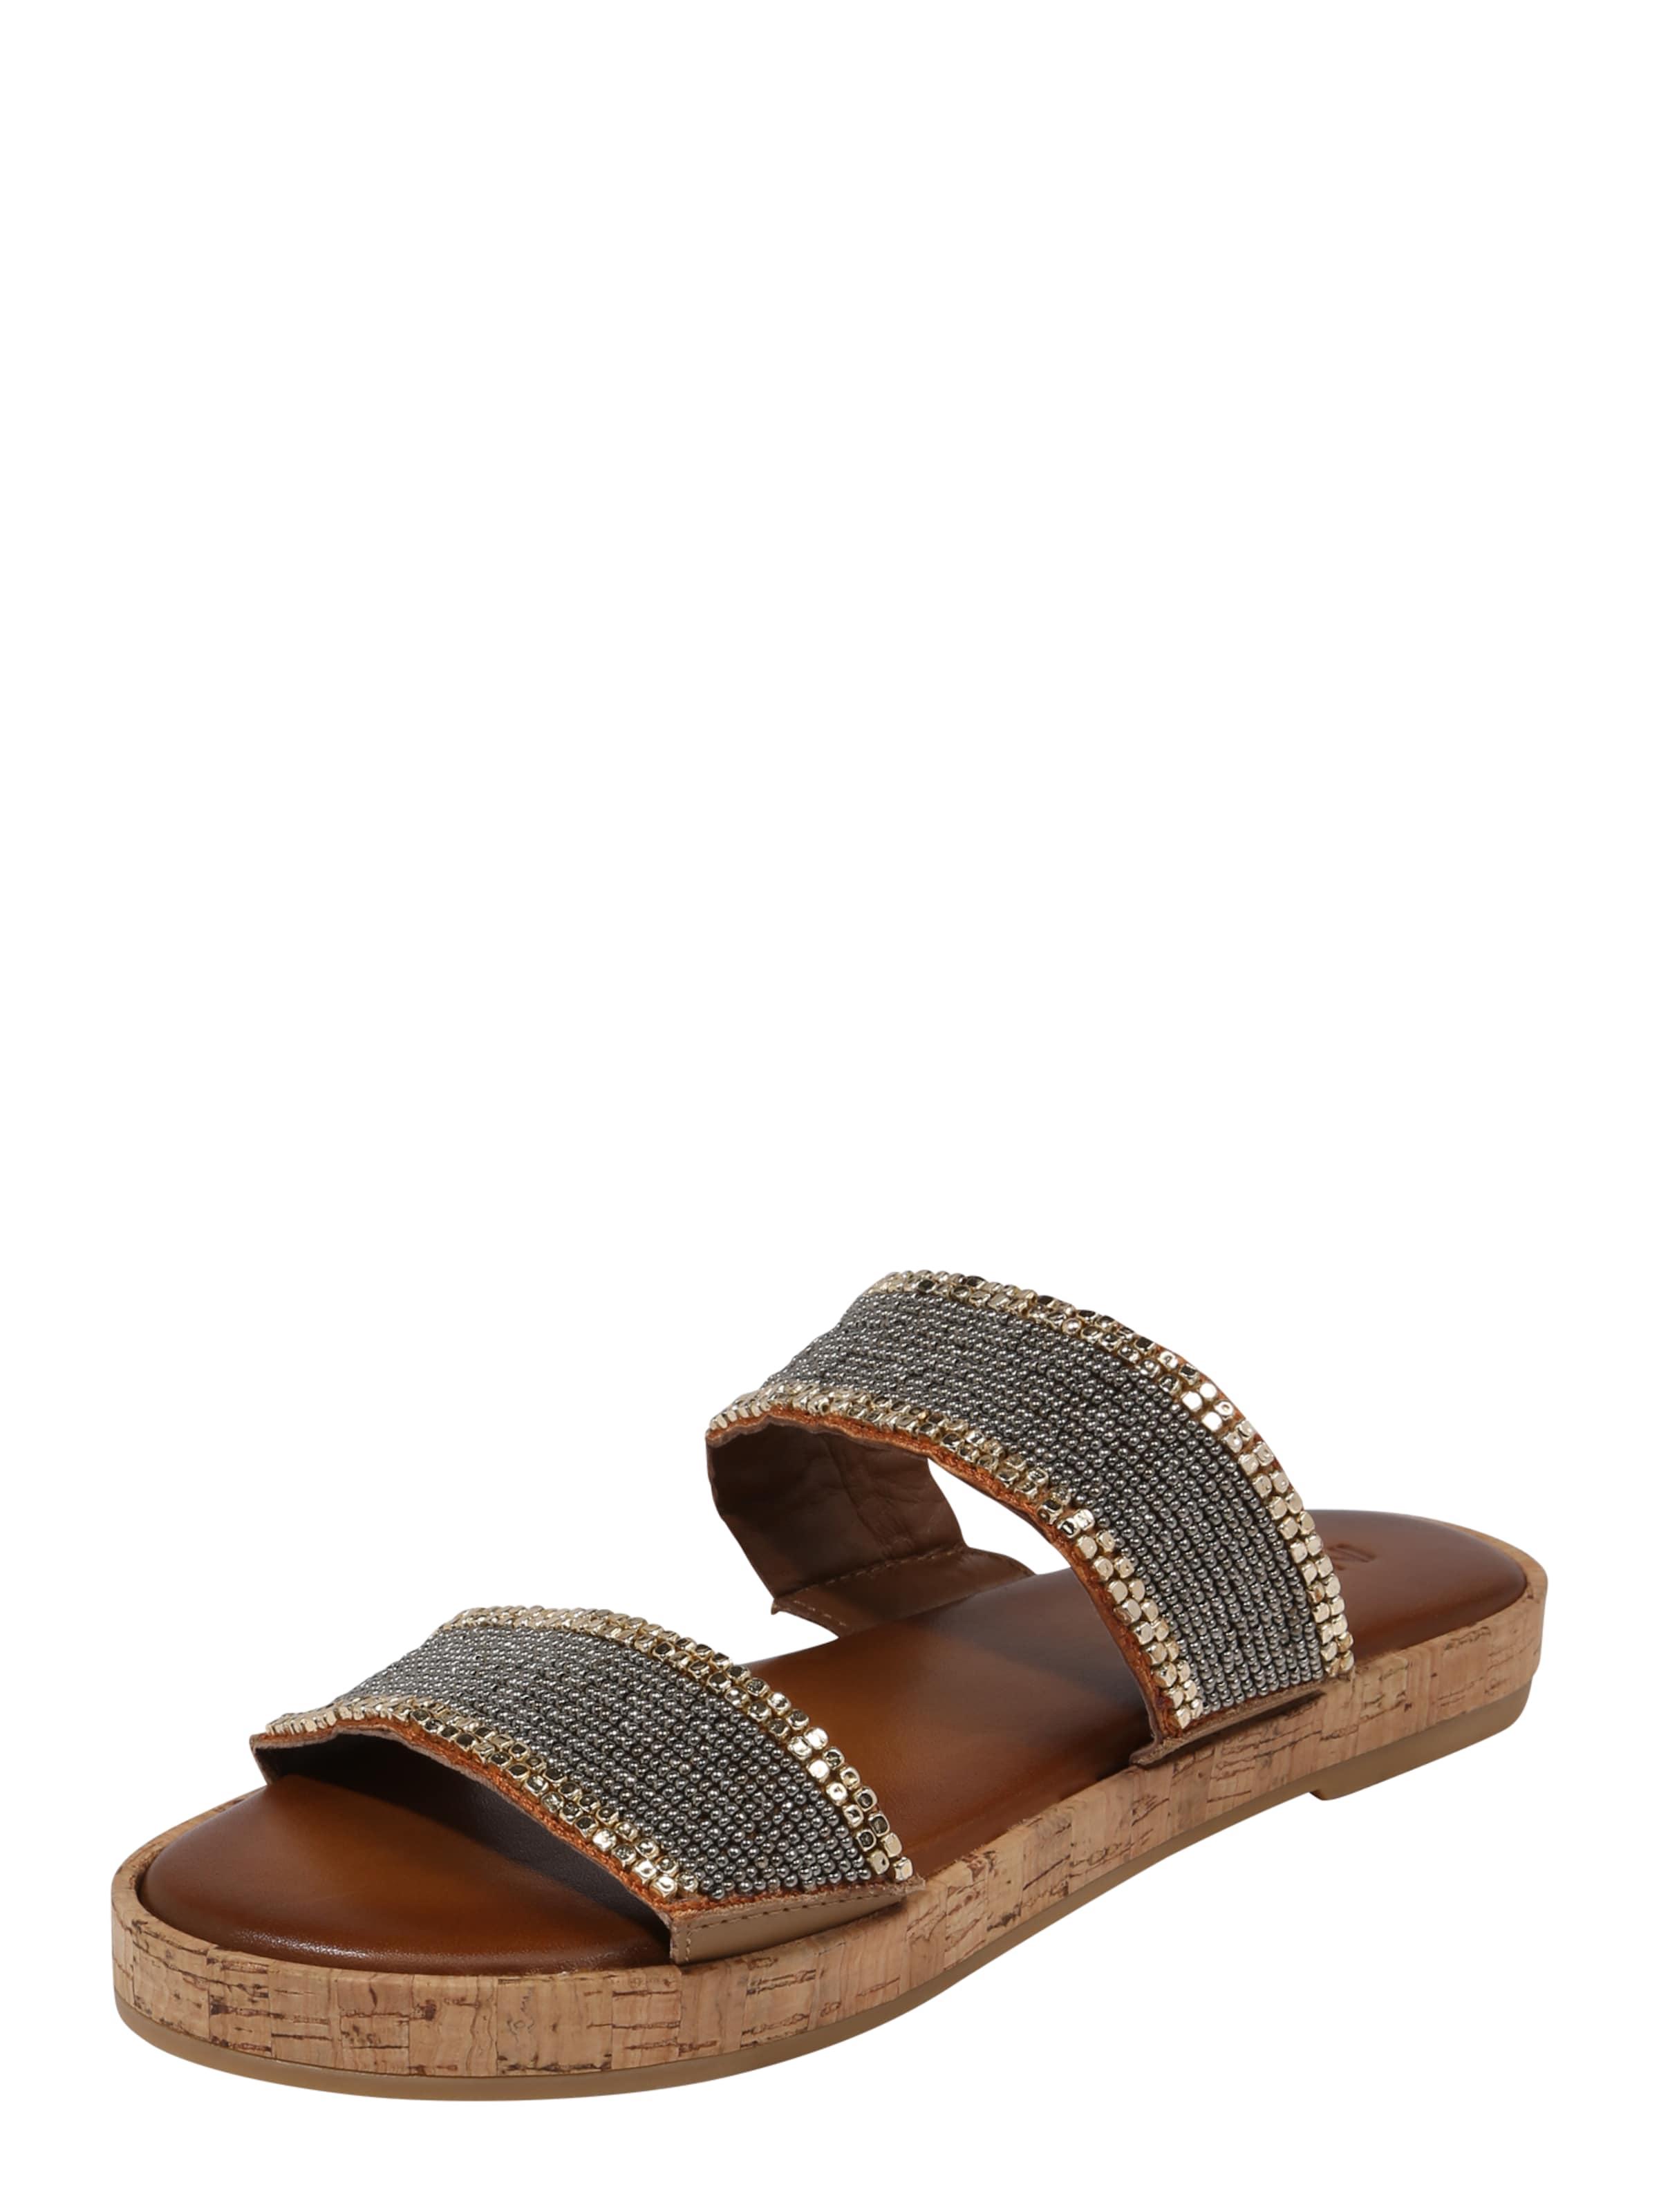 INUOVO Sandalen mit Glitzersteinbesatz Verschleißfeste billige Schuhe